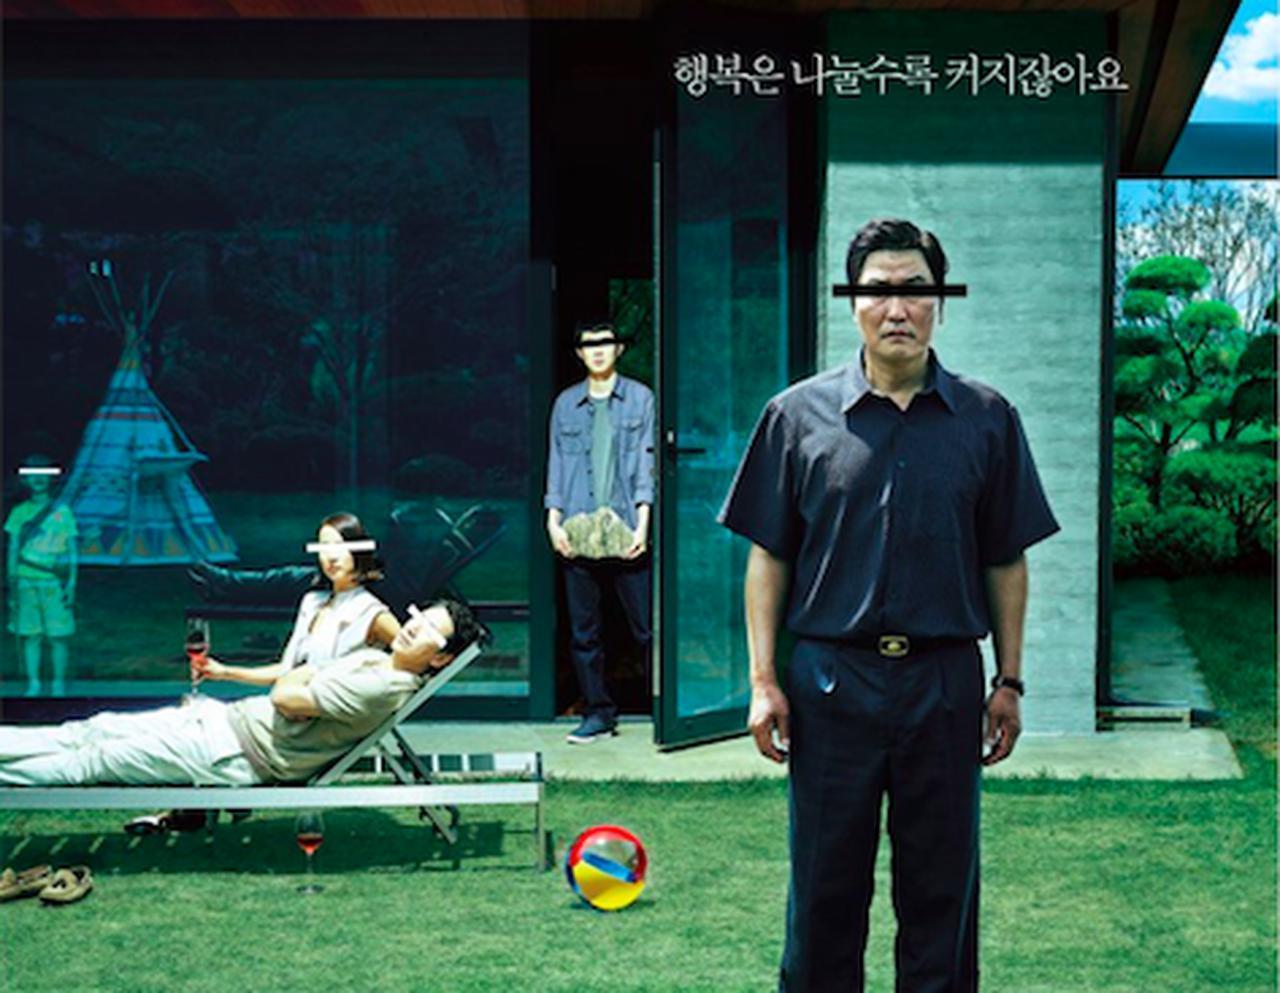 海外予告!その家族は全員失業 ポン・ジュノ監督最新作『parasite(パラサイト)』主演はソン・ガンホ